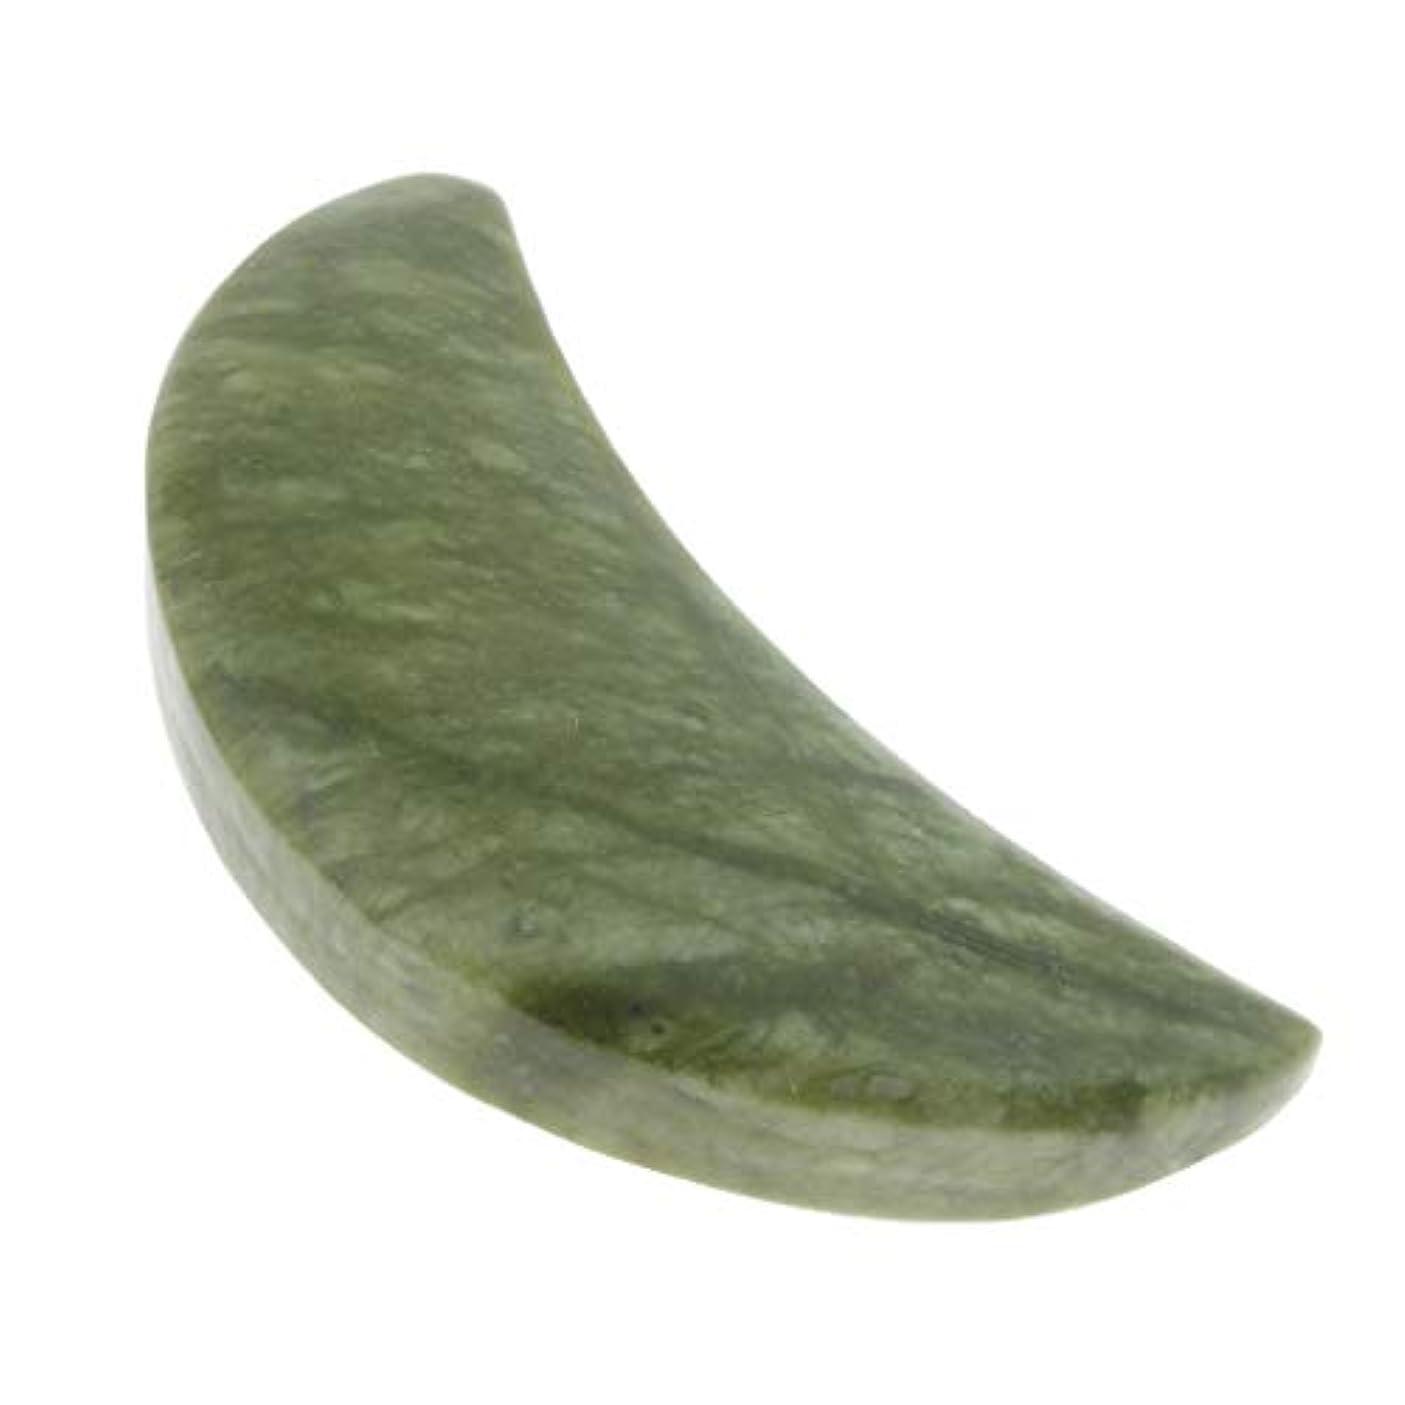 締め切り吐く干ばつPerfeclan 天然翡翠 ポータブル 軽量 かっさプレート 美顔 ボディ マッサージ 使いやすい 実用 4種選ぶ - 2